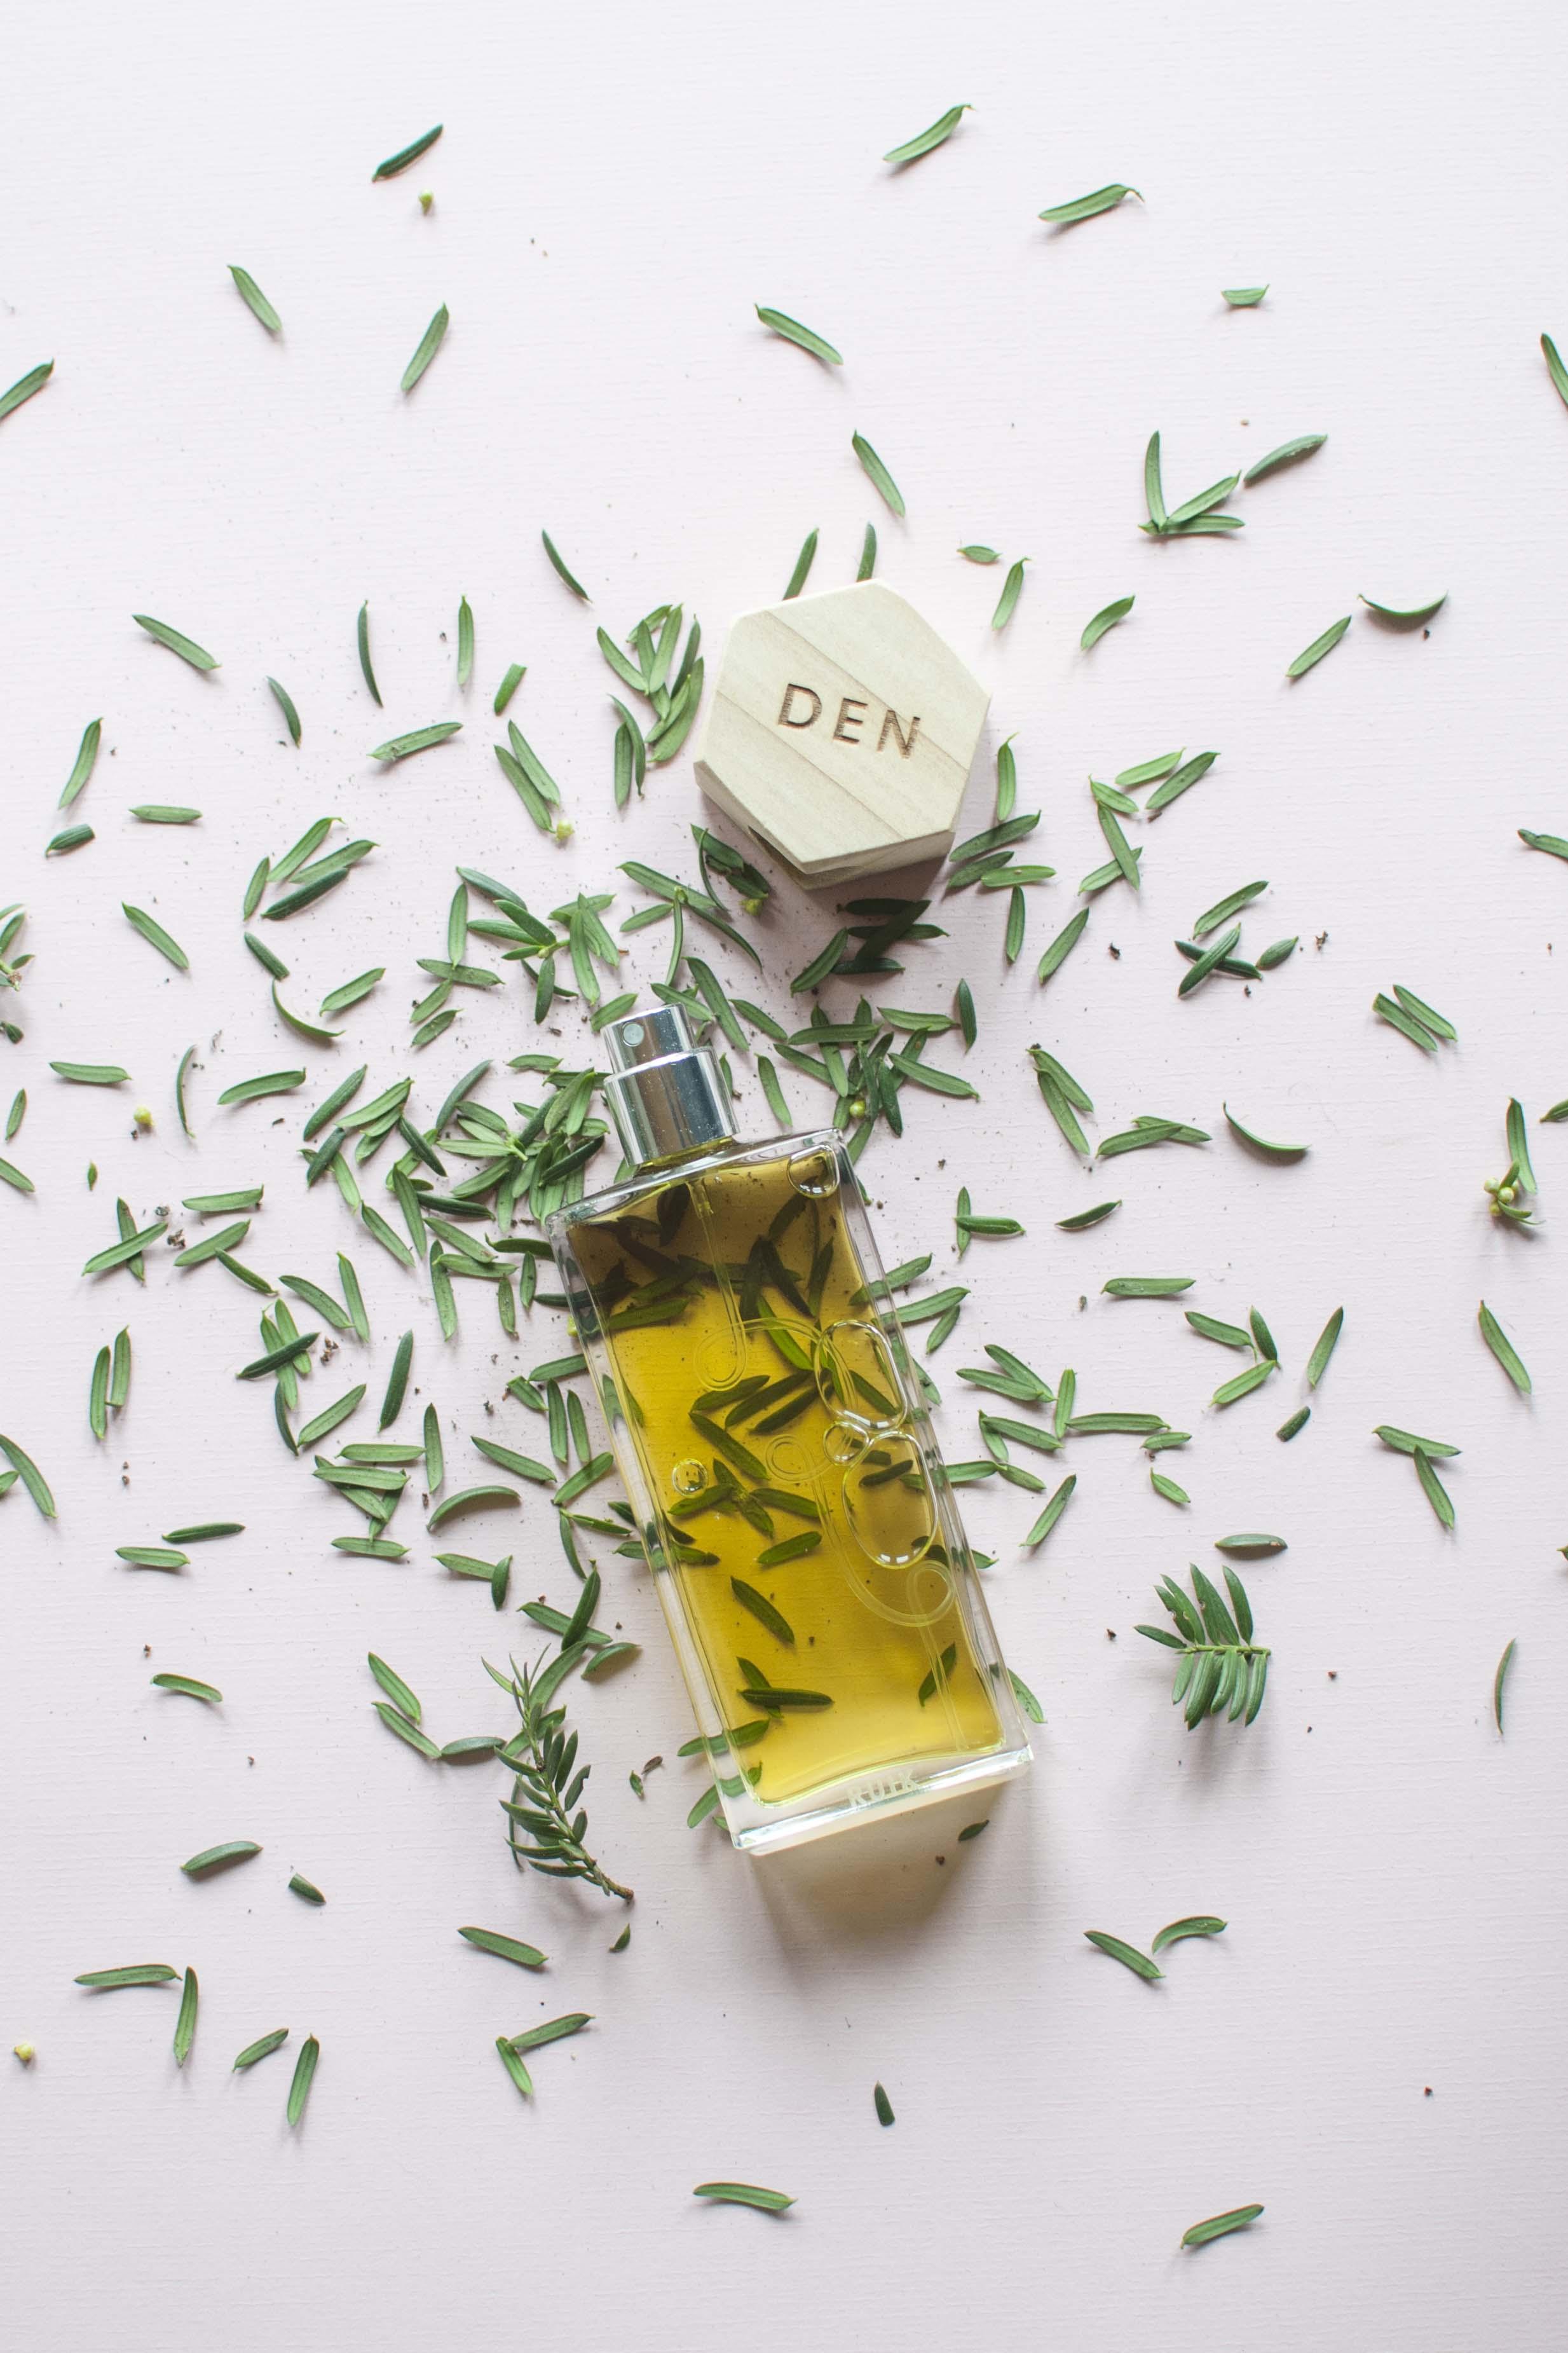 review Ruik Den parfum dam kerstboom_4